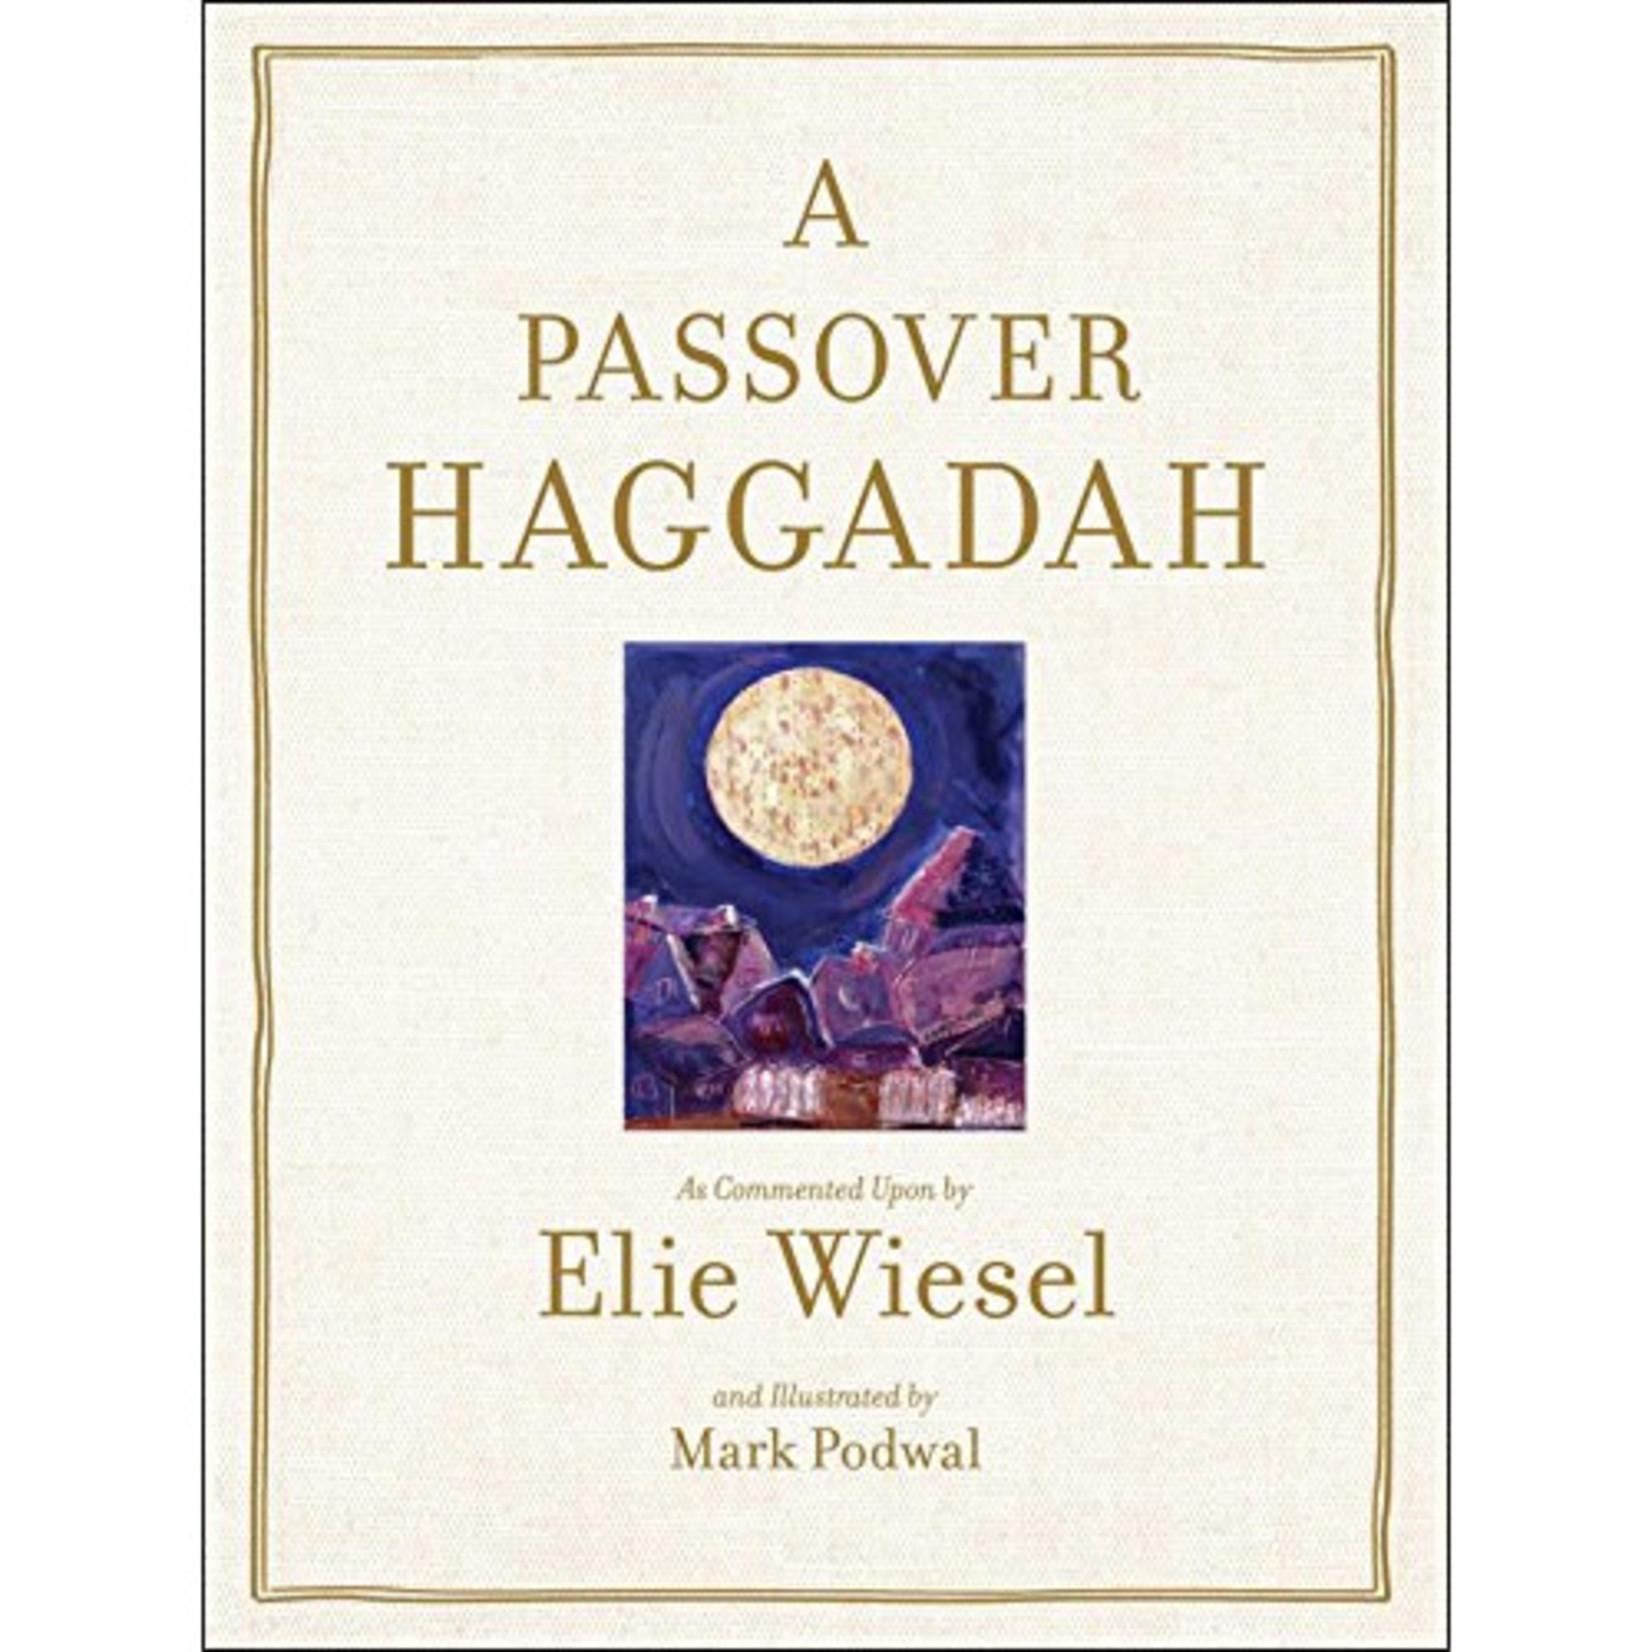 Elie Wiesel Passover Haggadah